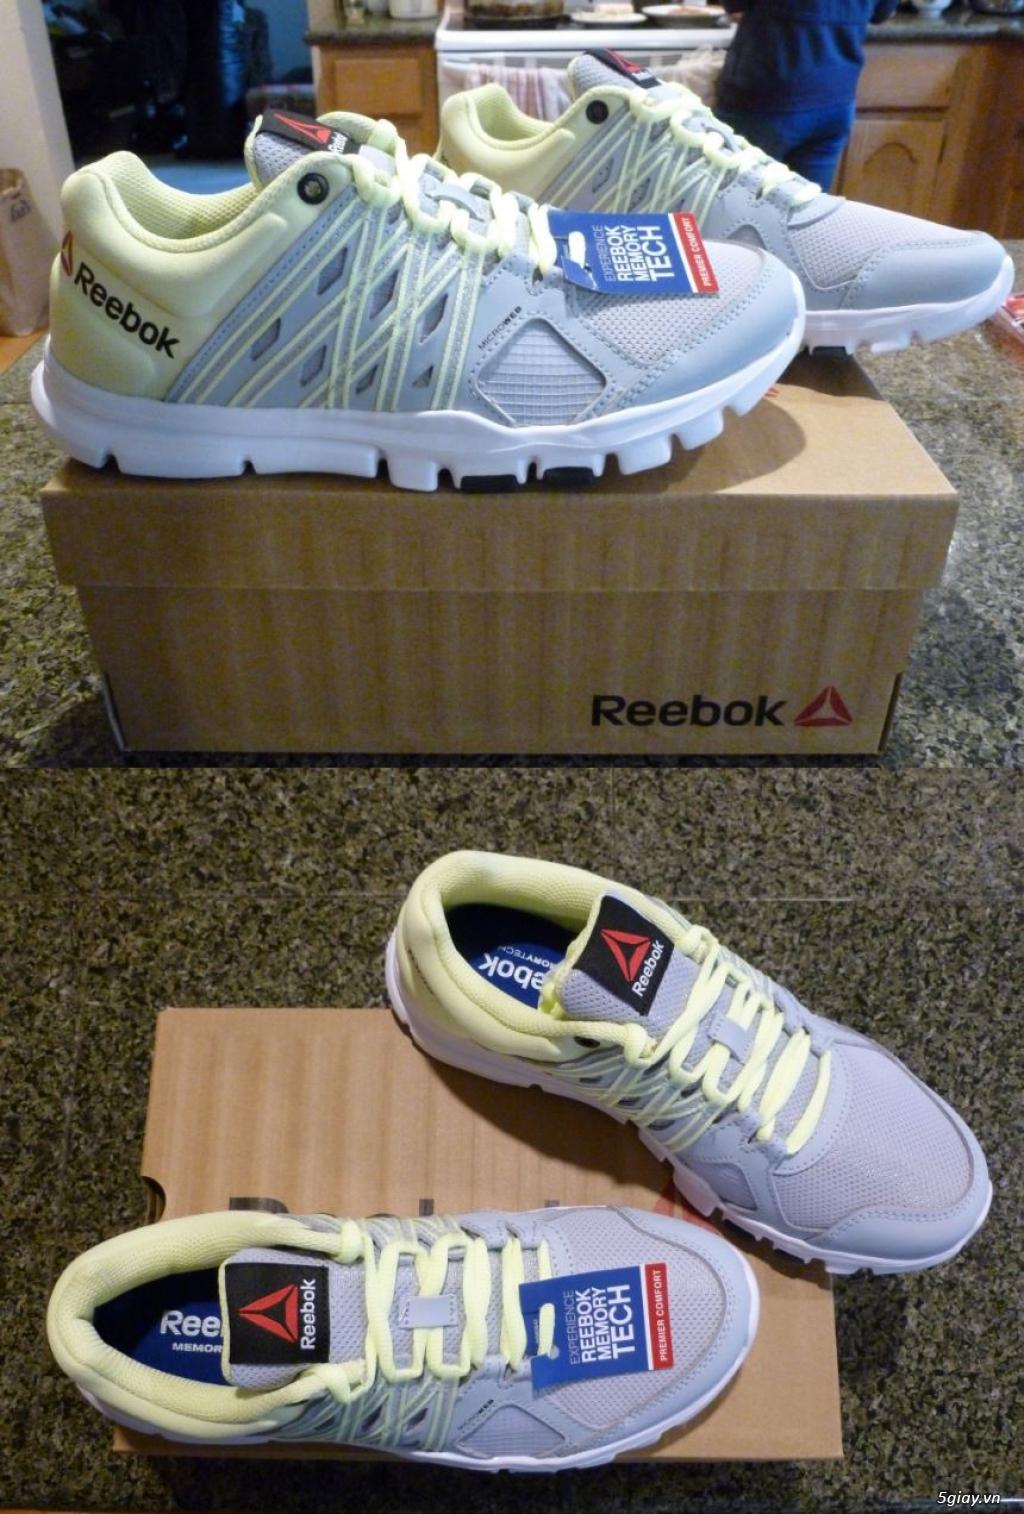 Mình xách/gửi giày Nike, Skechers, Reebok, Polo, Converse, v.v. từ Mỹ. - 37